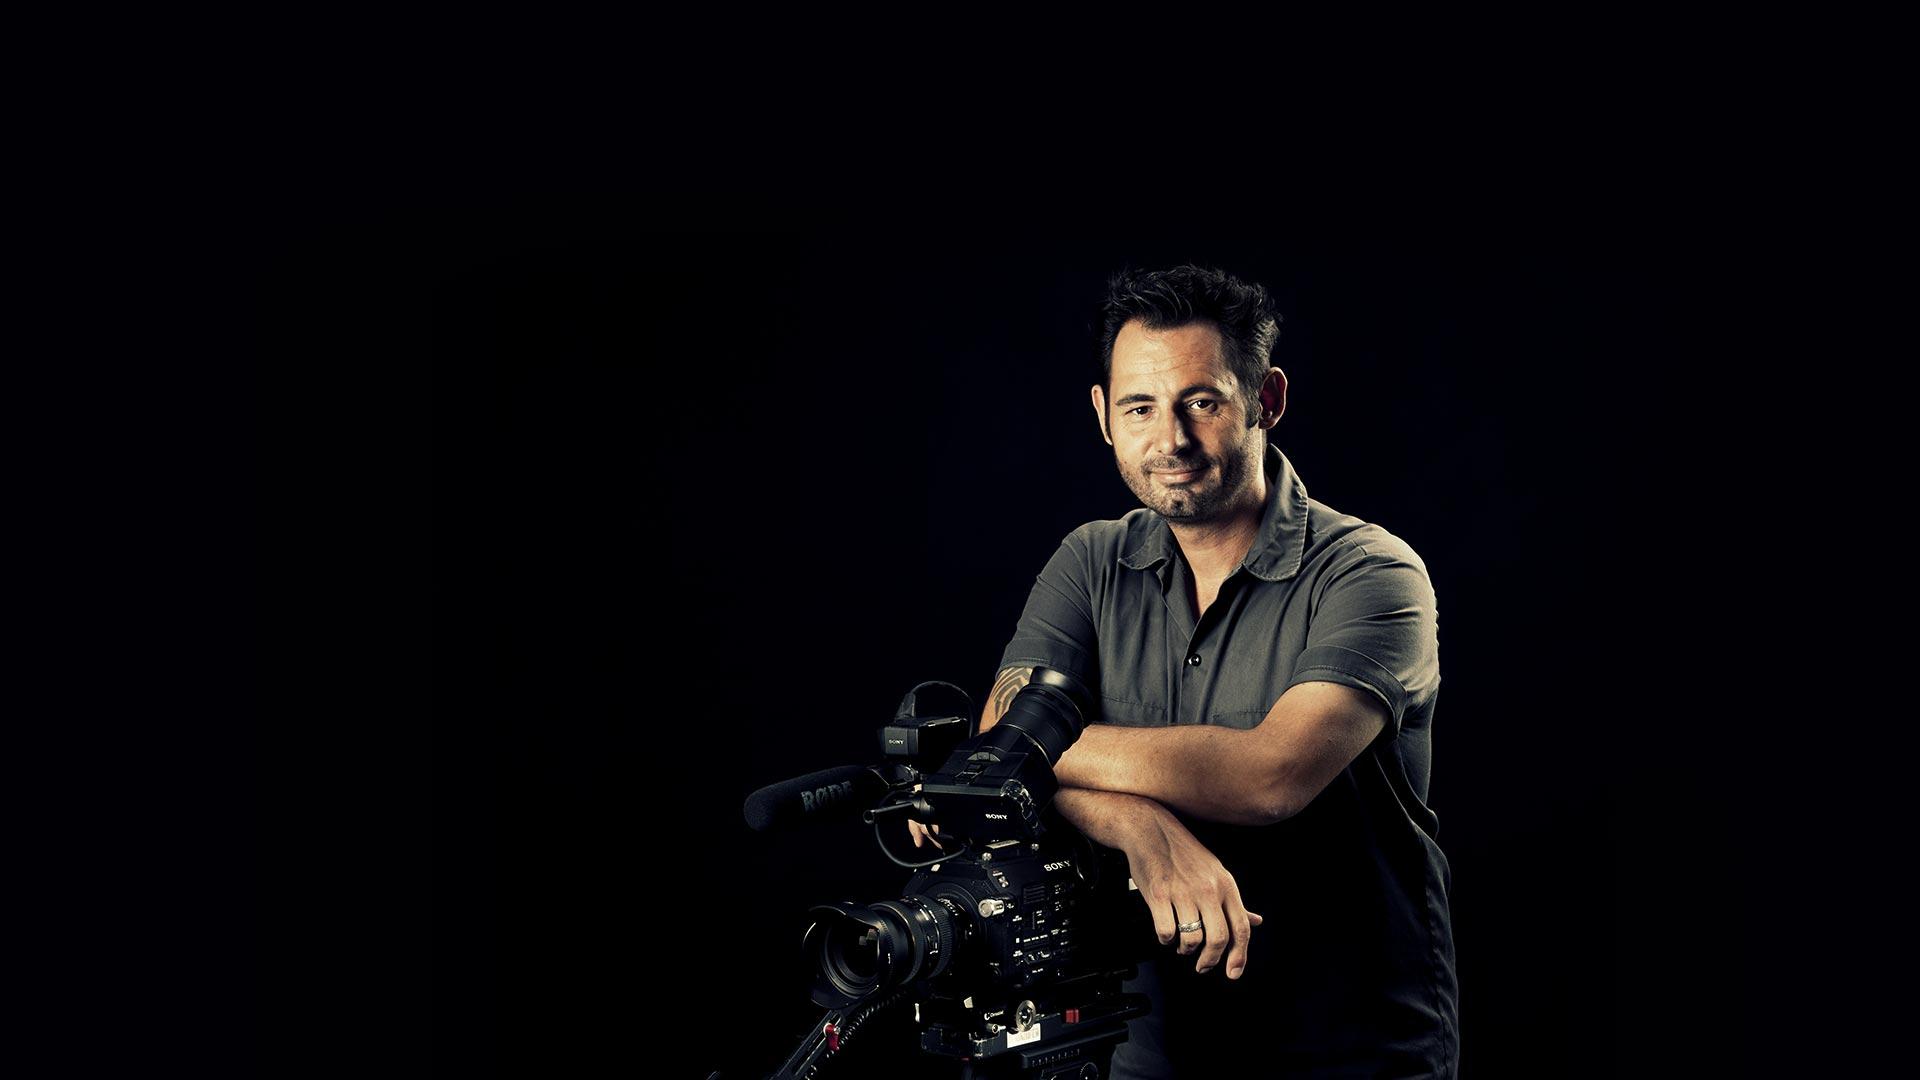 Fracon DiNunzio - Kameramann